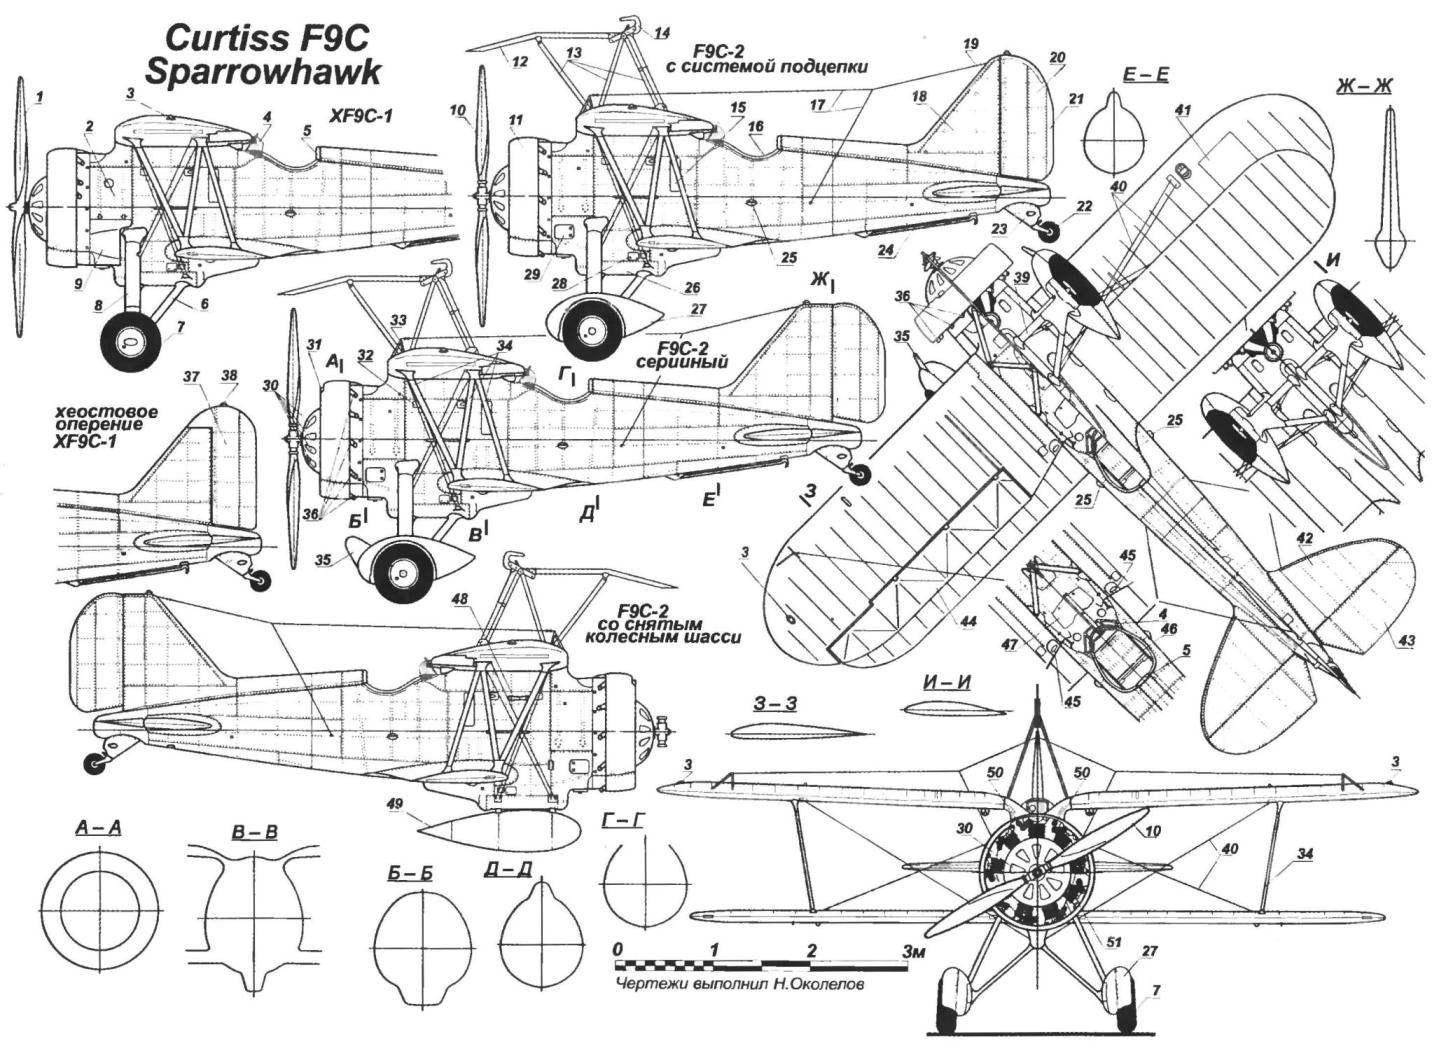 Бортовой истребитель F9С-2 SPARROWHAWK